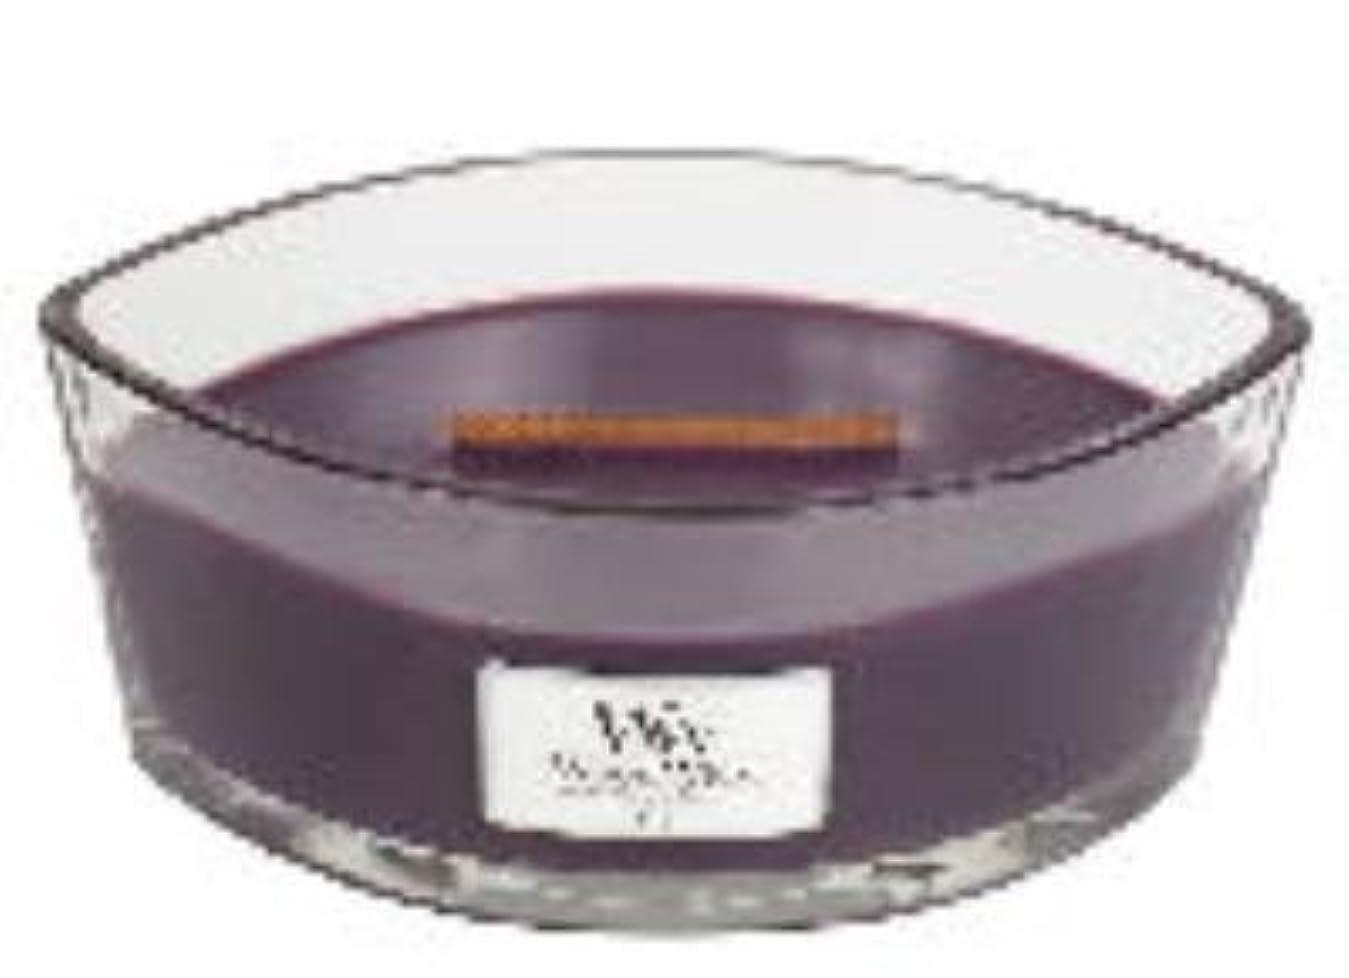 爆風に勝るクーポンFig Elipse HearthWick Flame Scented Candle by WoodWick